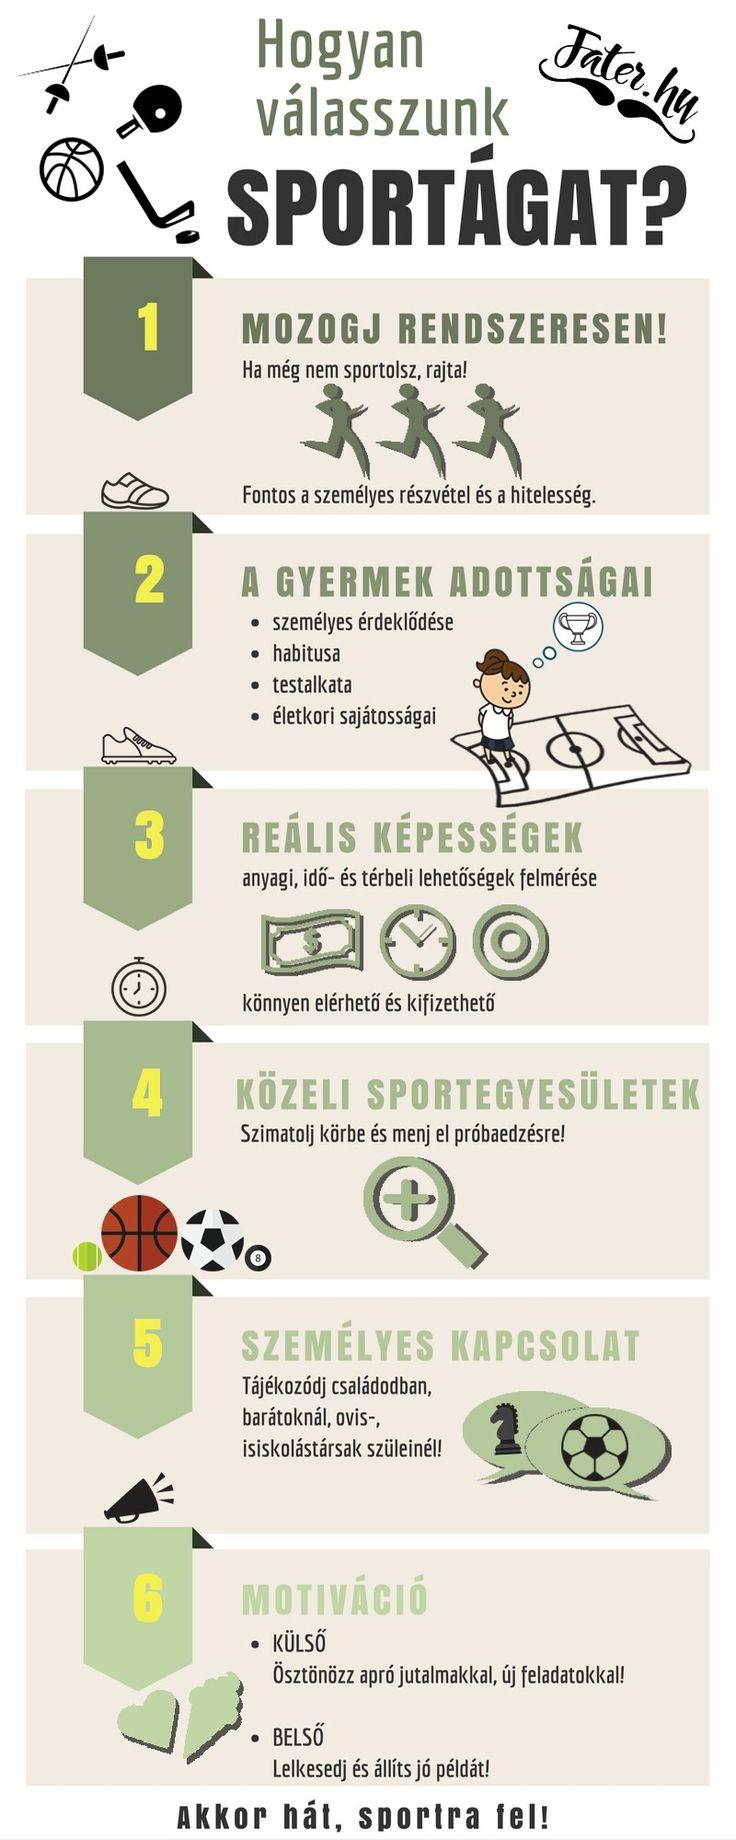 Hogyan válasszunk sportágat?